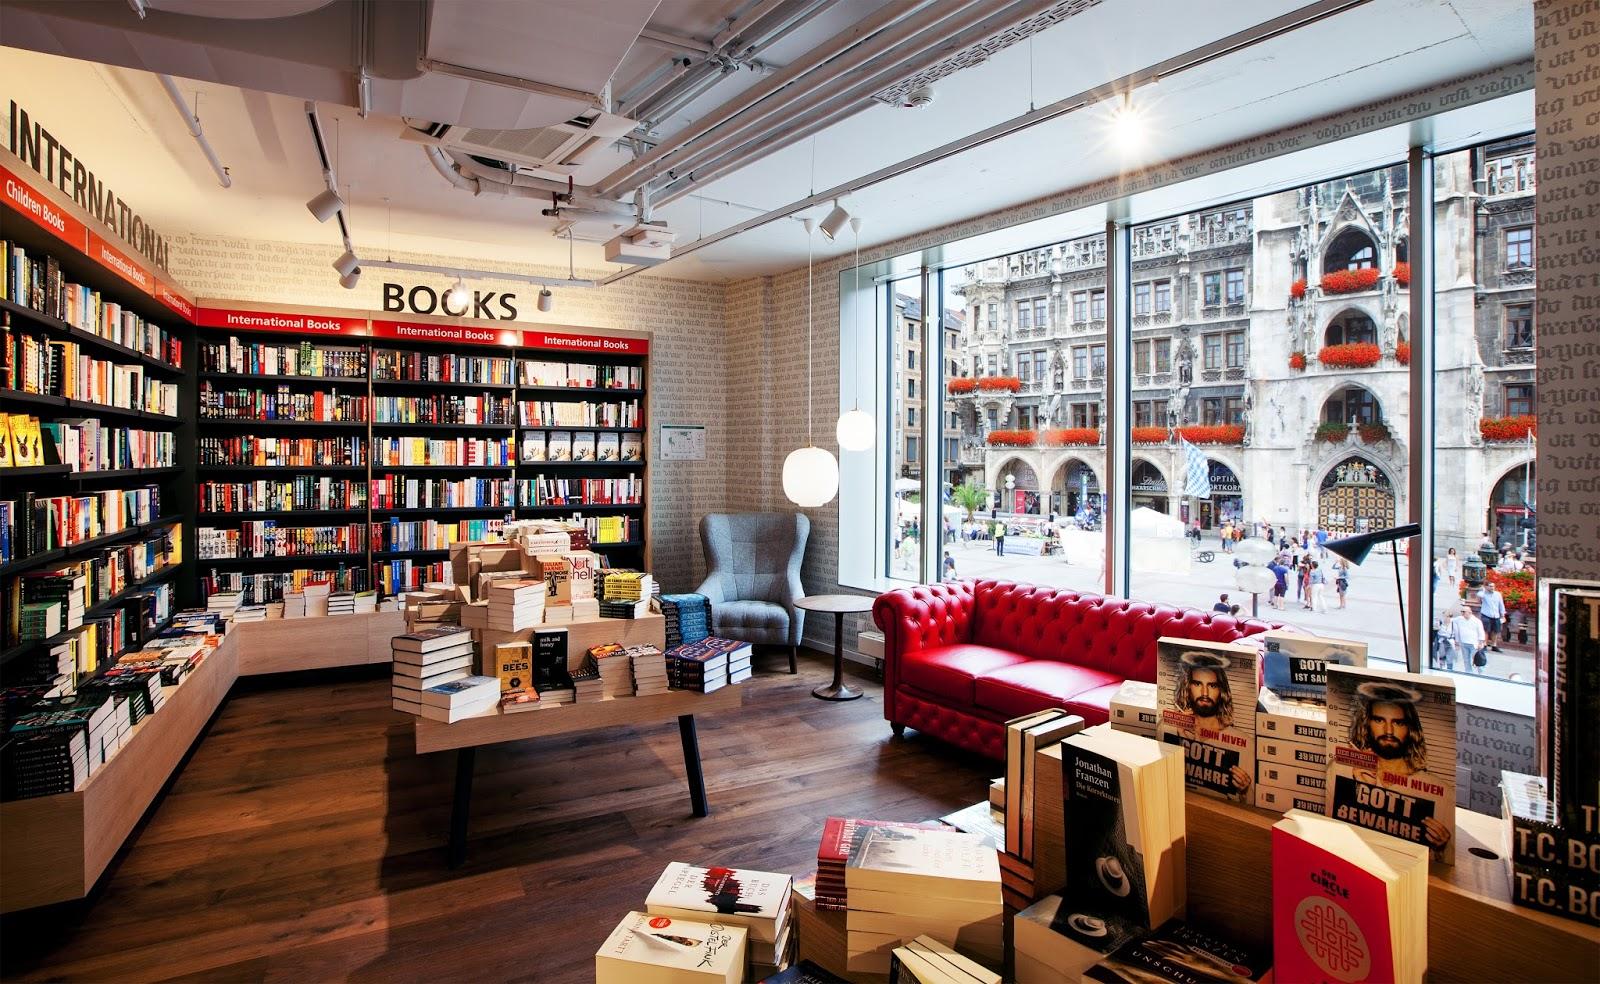 Innenraum Gestaltung Kaffeehaus Don Cafe: Susanna Cots